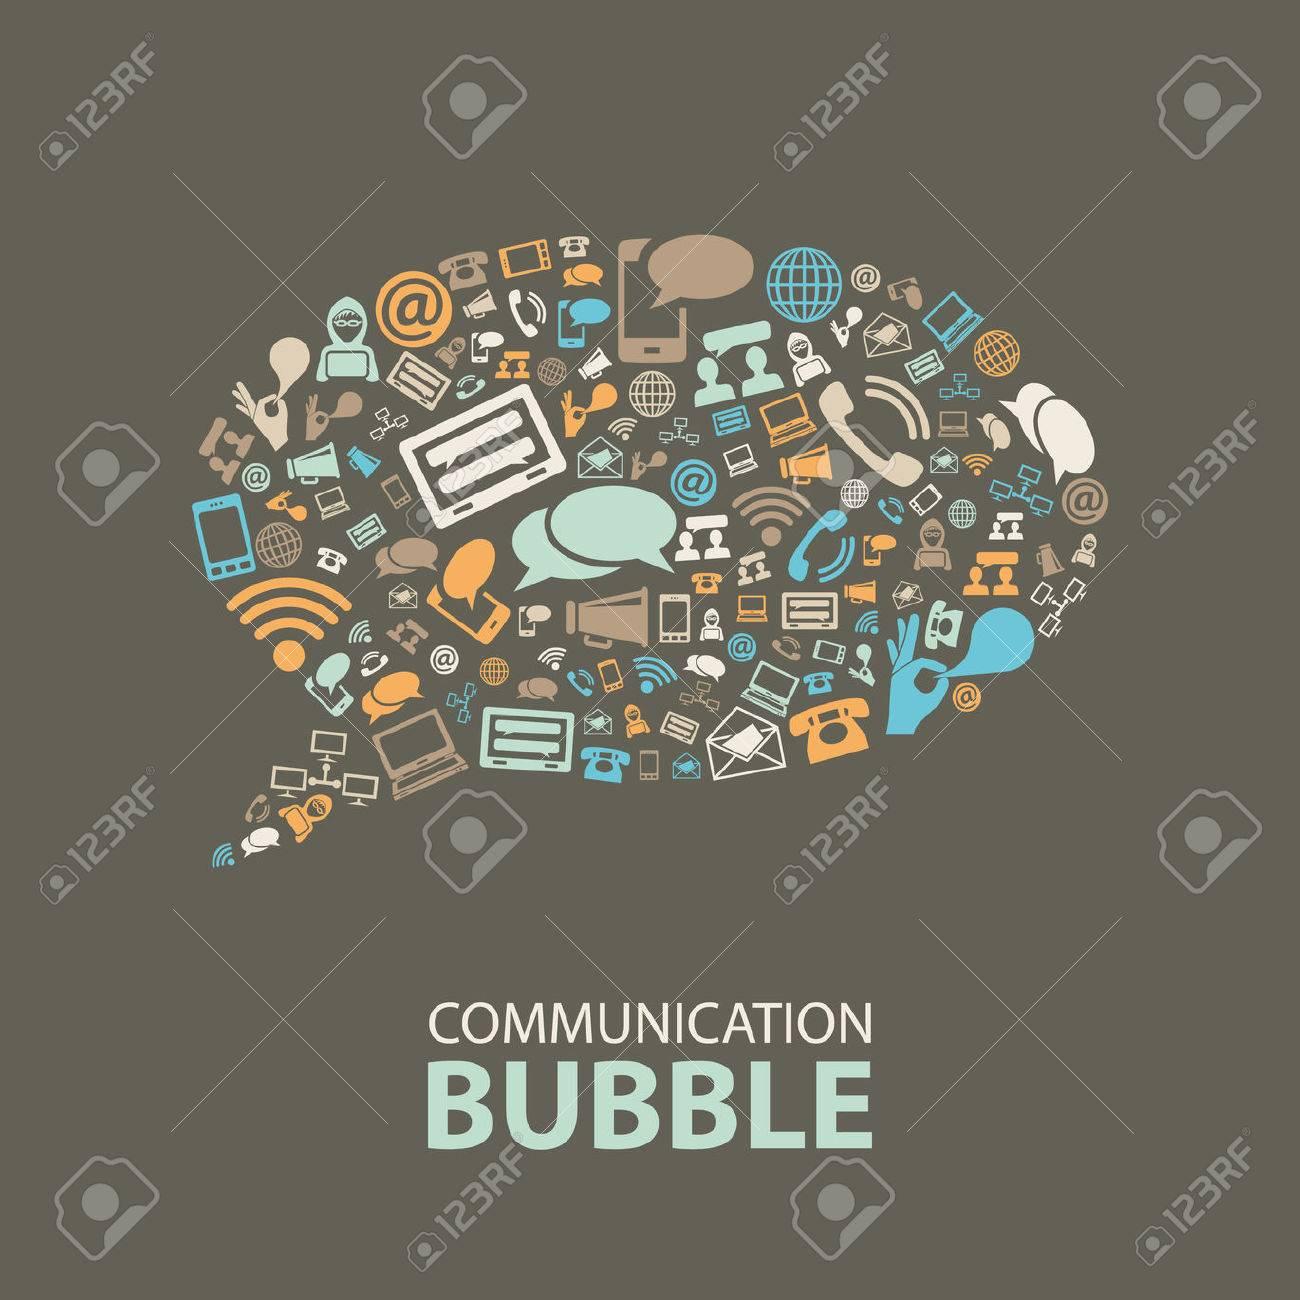 communication bubble - 37128447